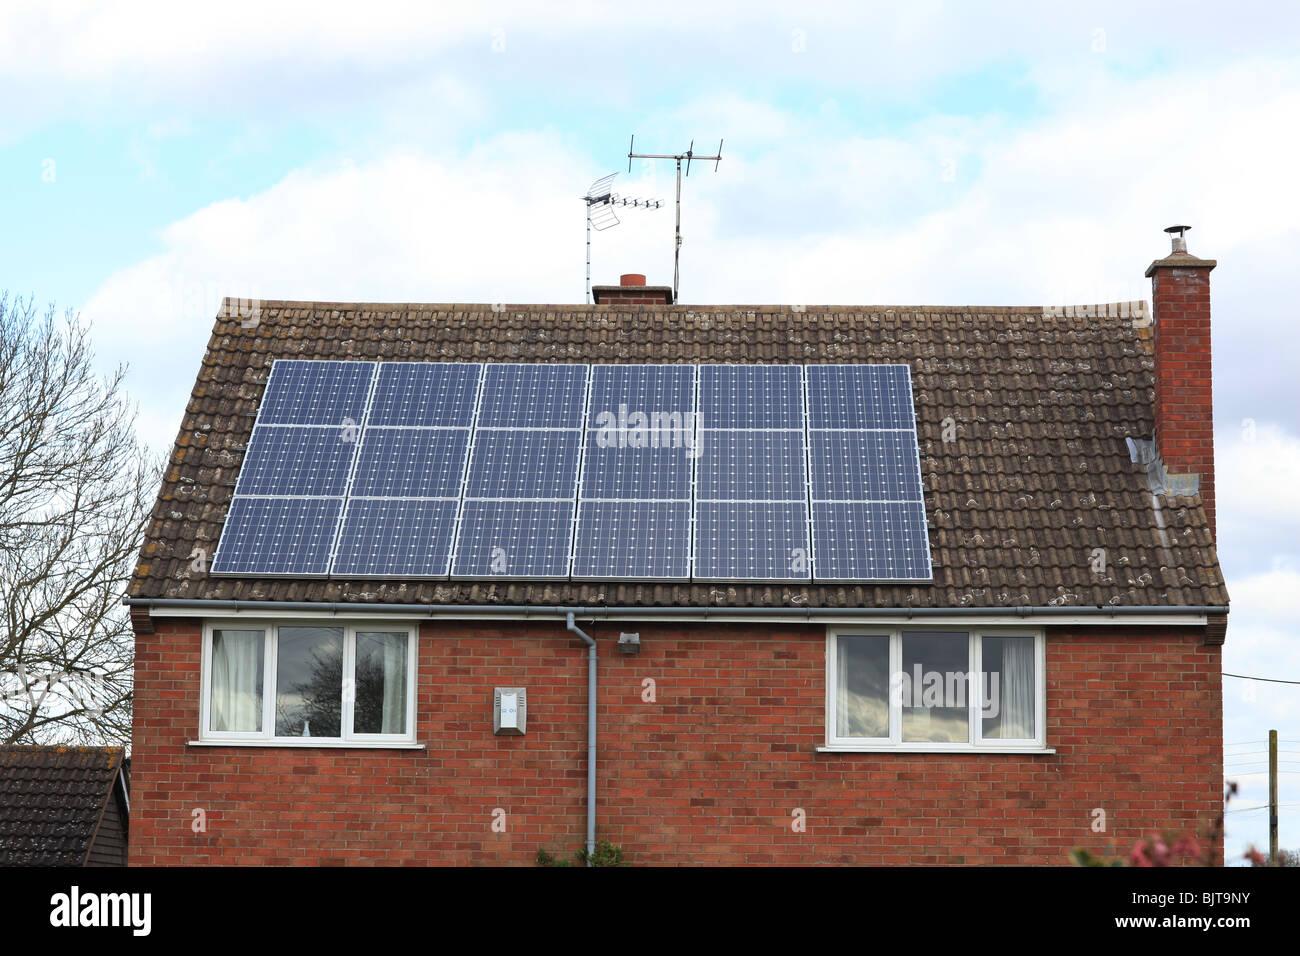 Paneles solares en una casa en el Reino Unido,se alimentan en tarifa (FIT) esquema Imagen De Stock